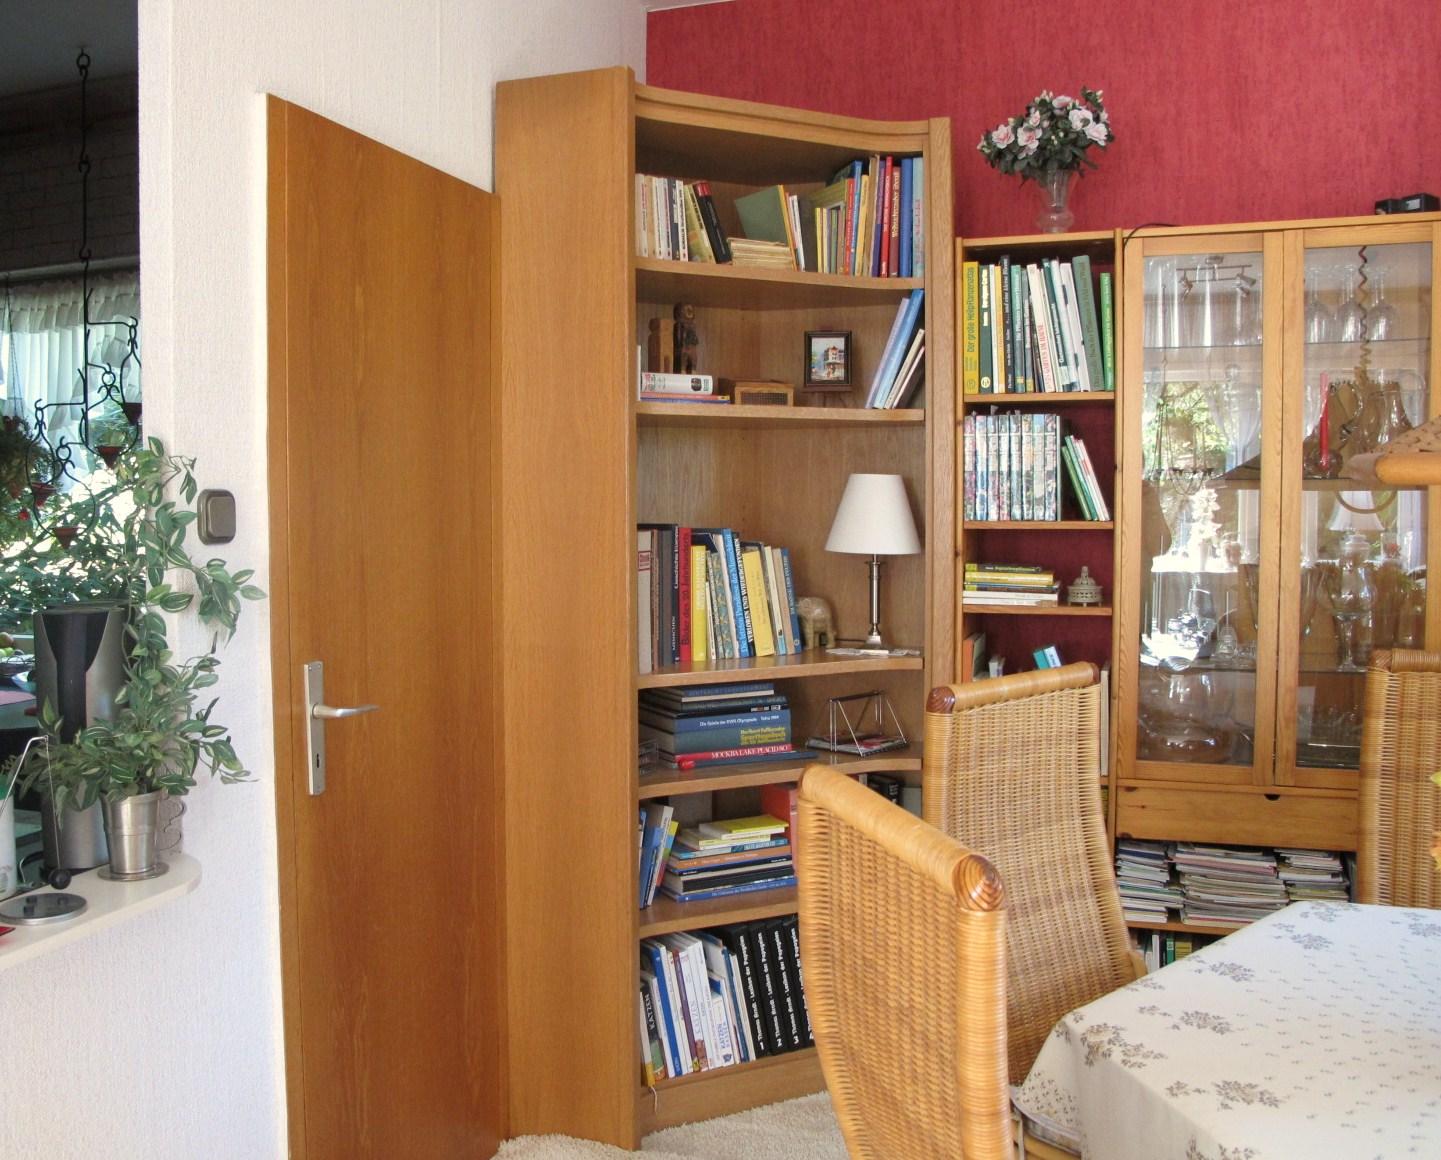 feder flamme ich liebe unser wohnzimmer. Black Bedroom Furniture Sets. Home Design Ideas